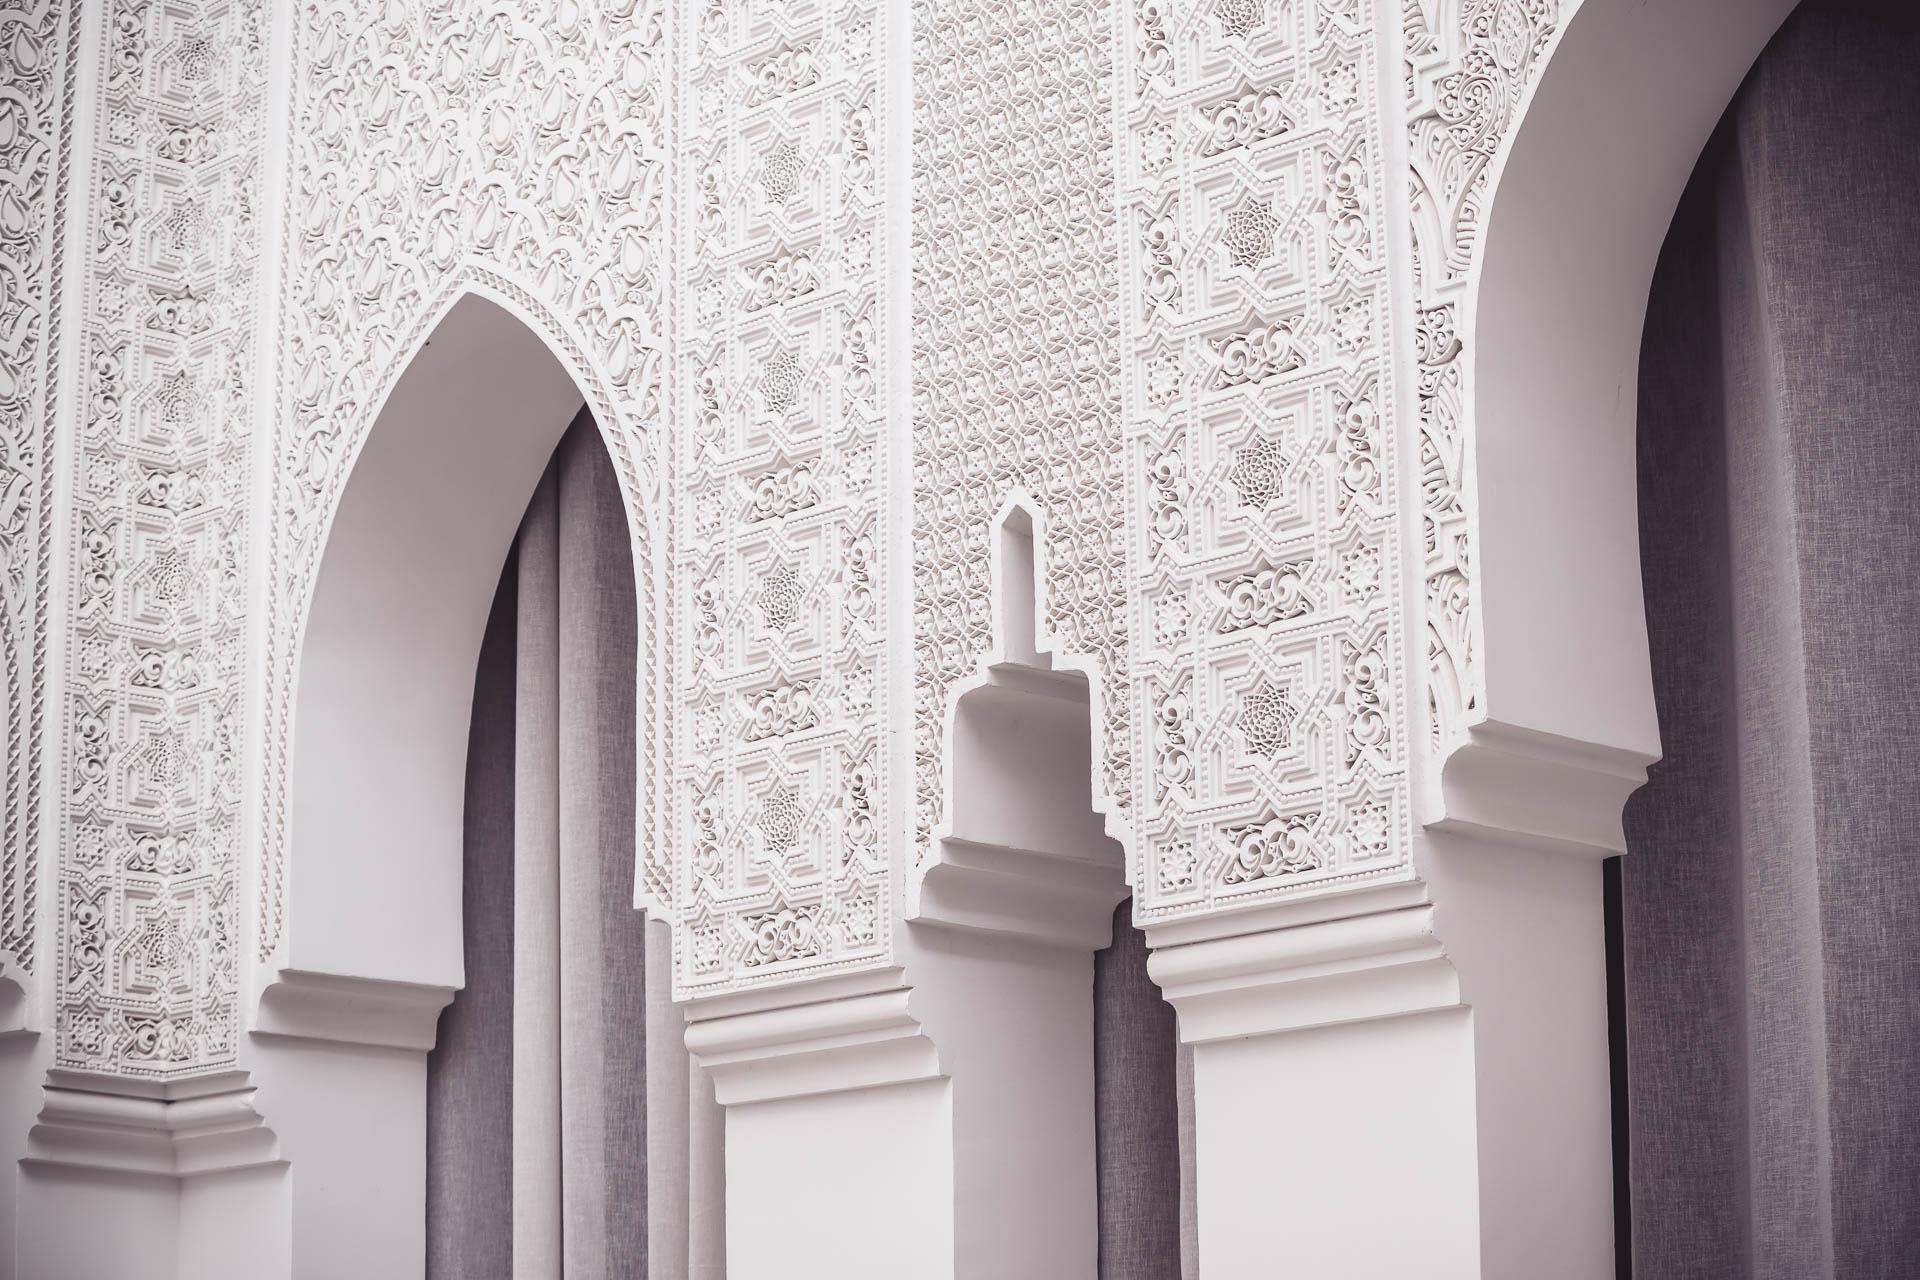 les-voyageuses-test-pullman-marrakech-palmeraie-spa-00614